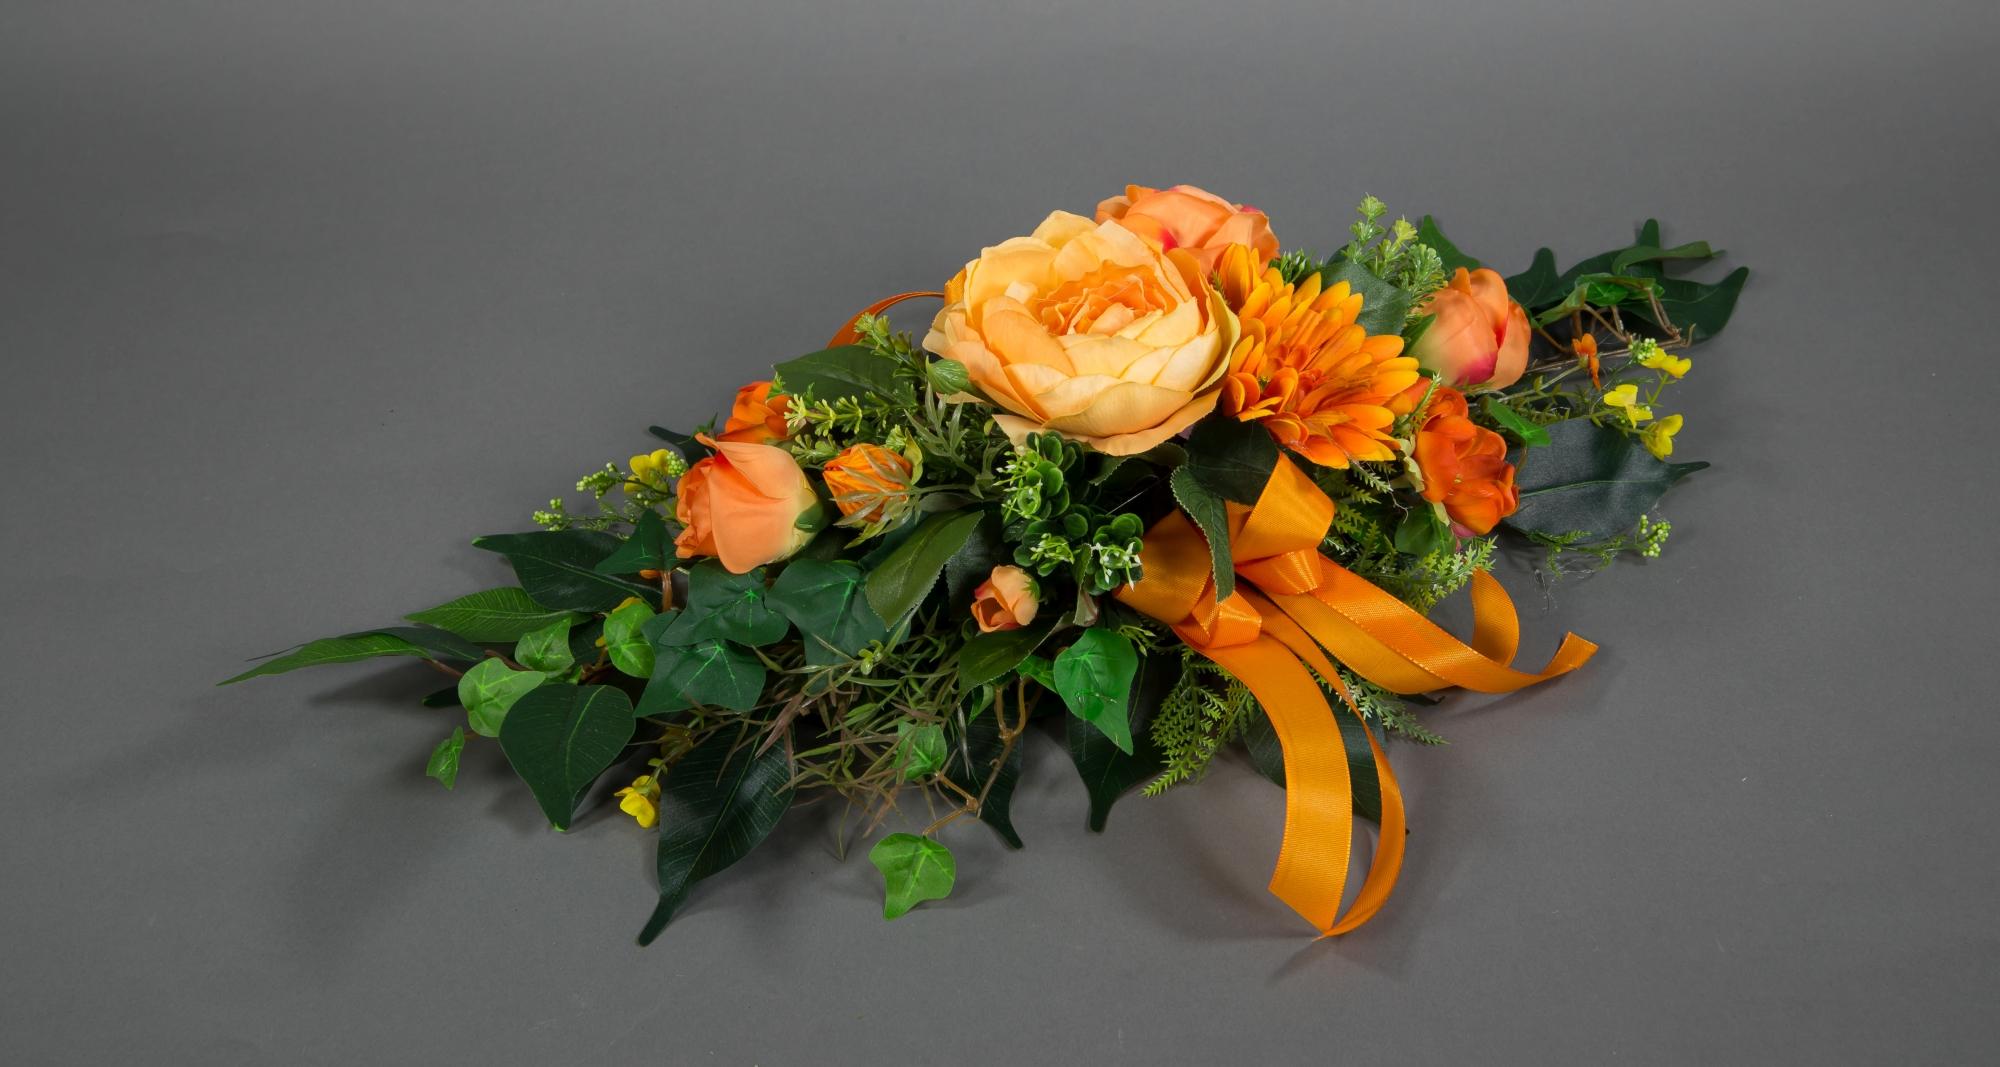 Handgearbeitete Gestecke Gestecke Kunstblumen Seidenblumen